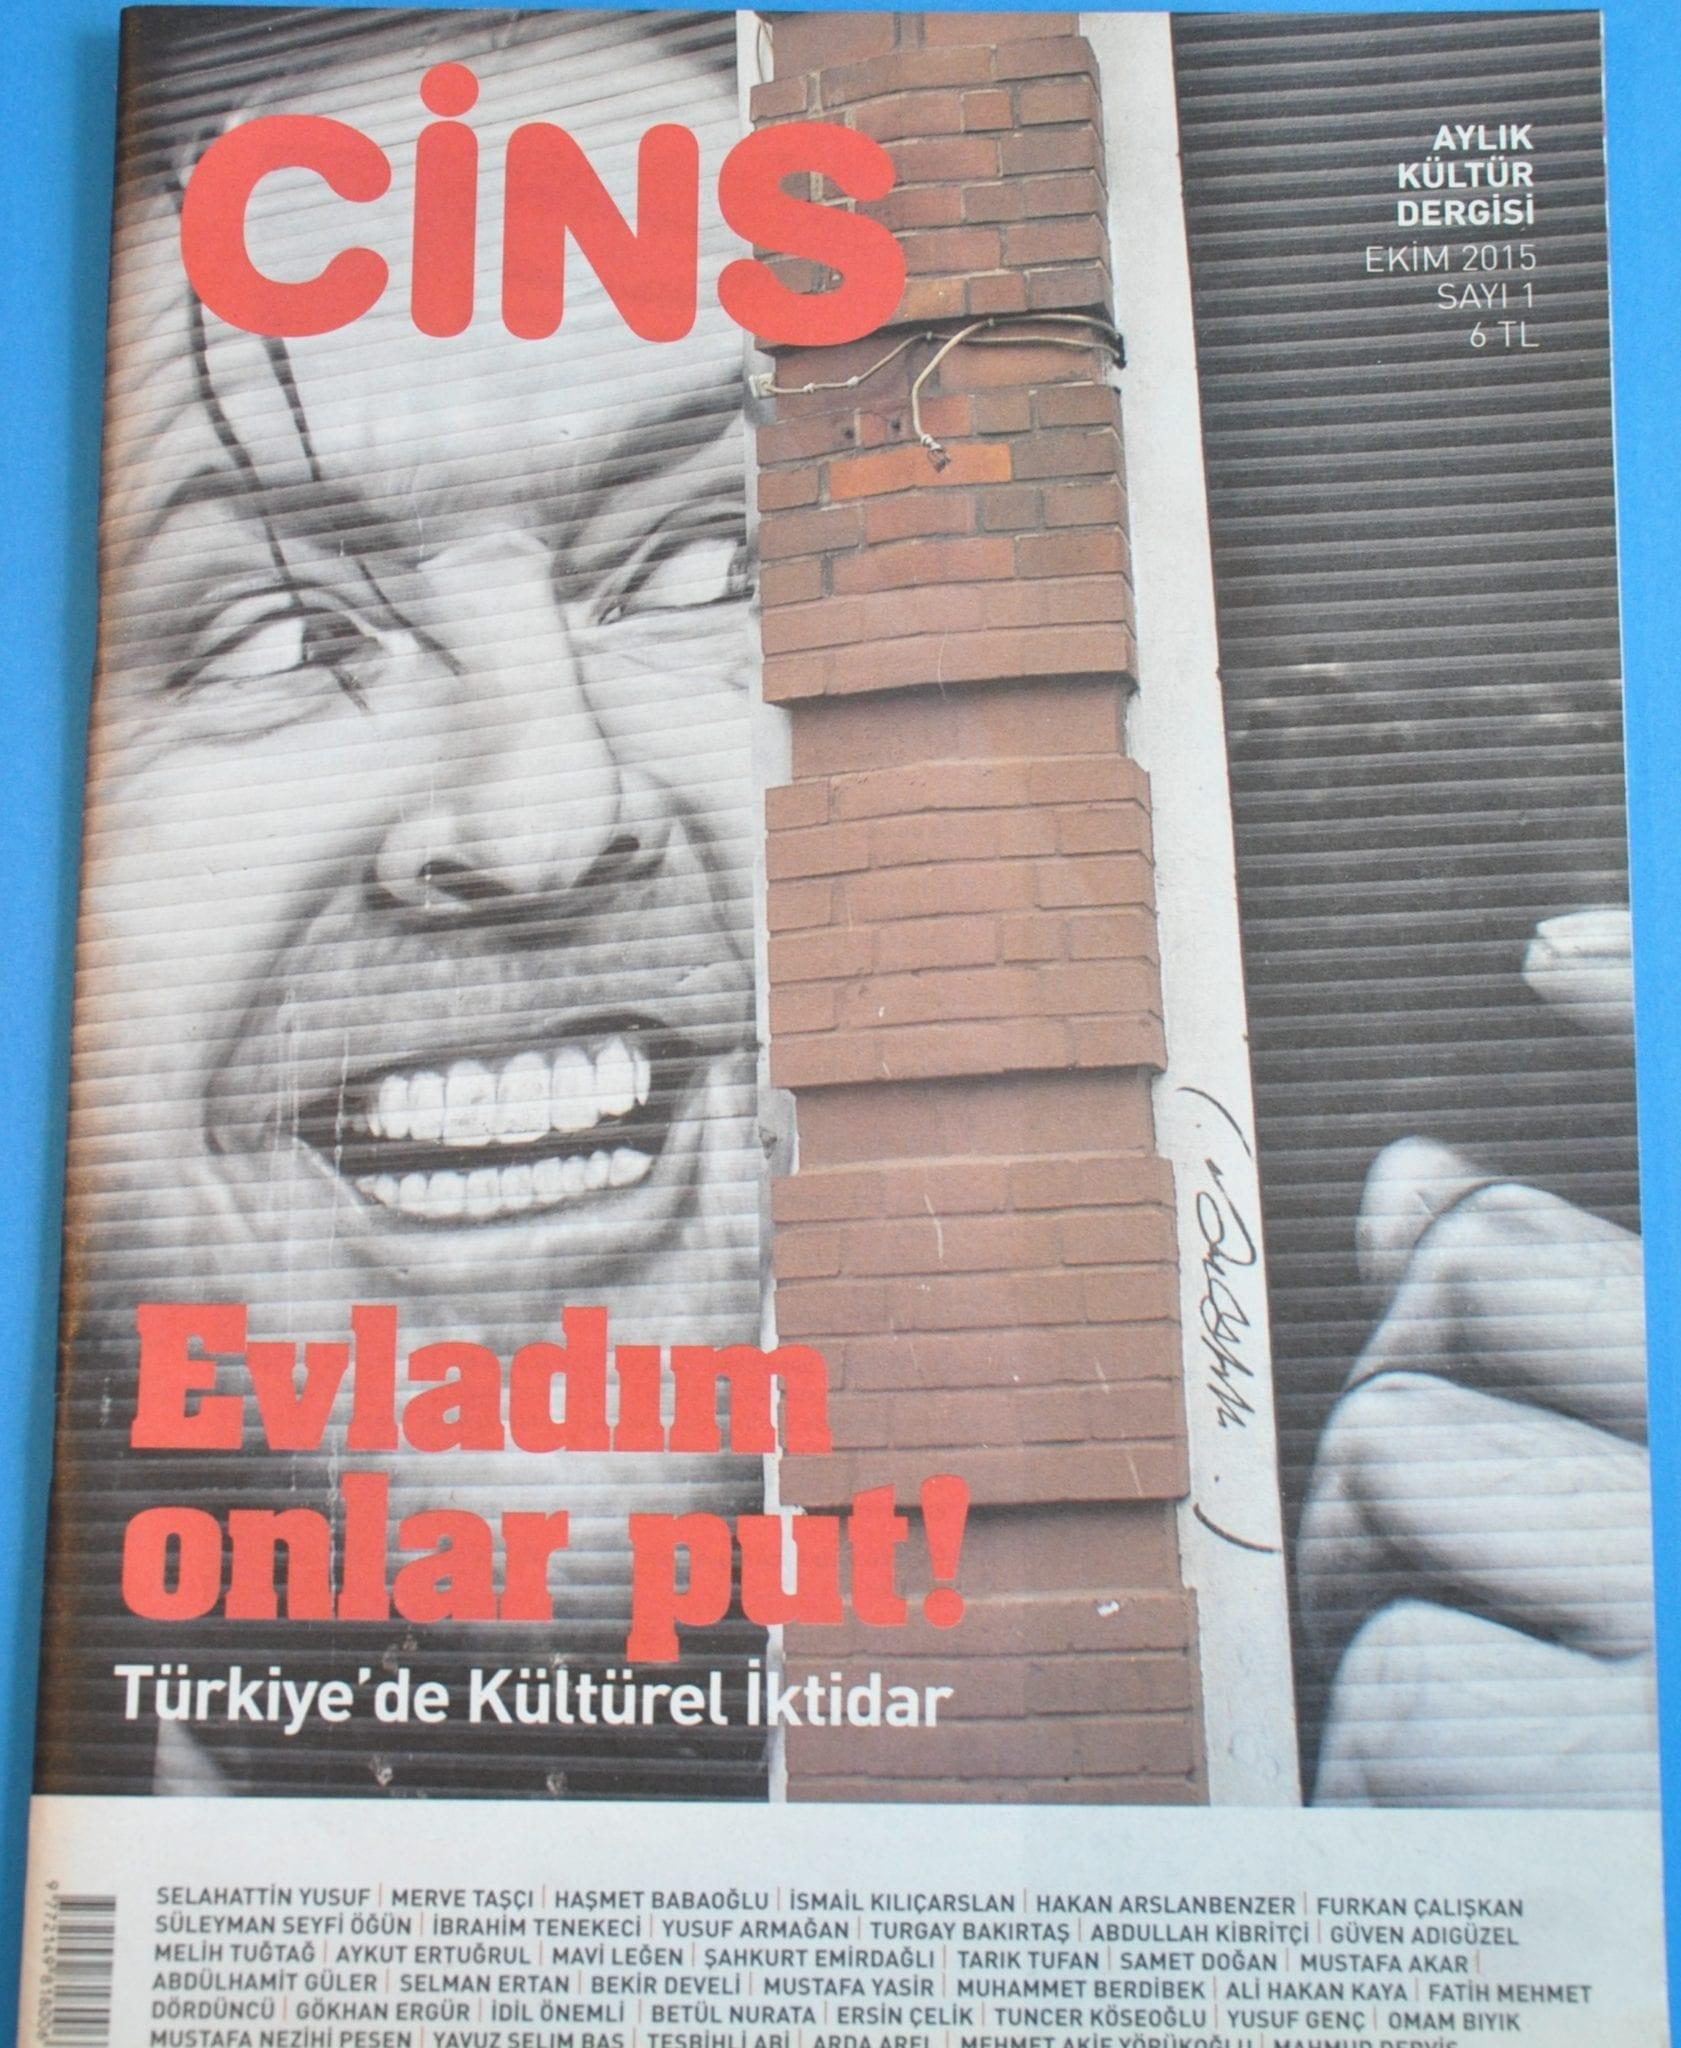 ジンス トルコの月刊文化雑誌